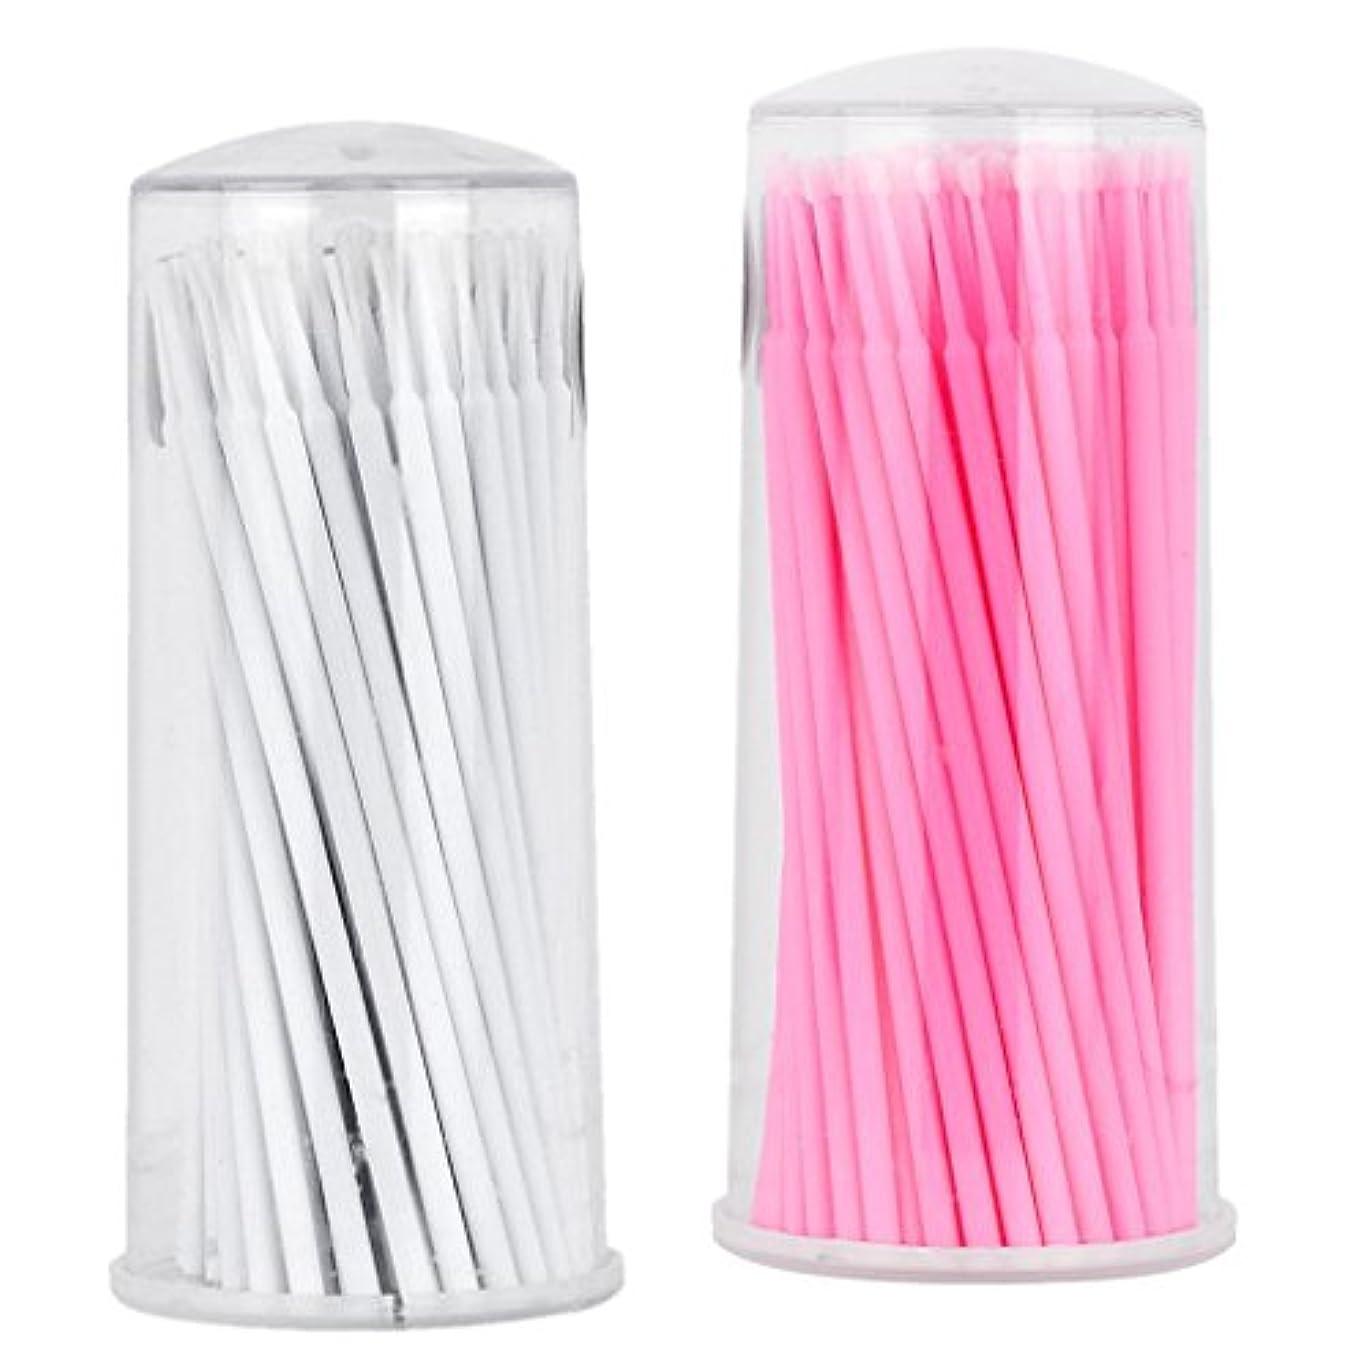 Perfk まつげブラシ スワブ 使い捨て アプリケータ 約200本入り マイクロブラシ 極細綿棒 タトゥー